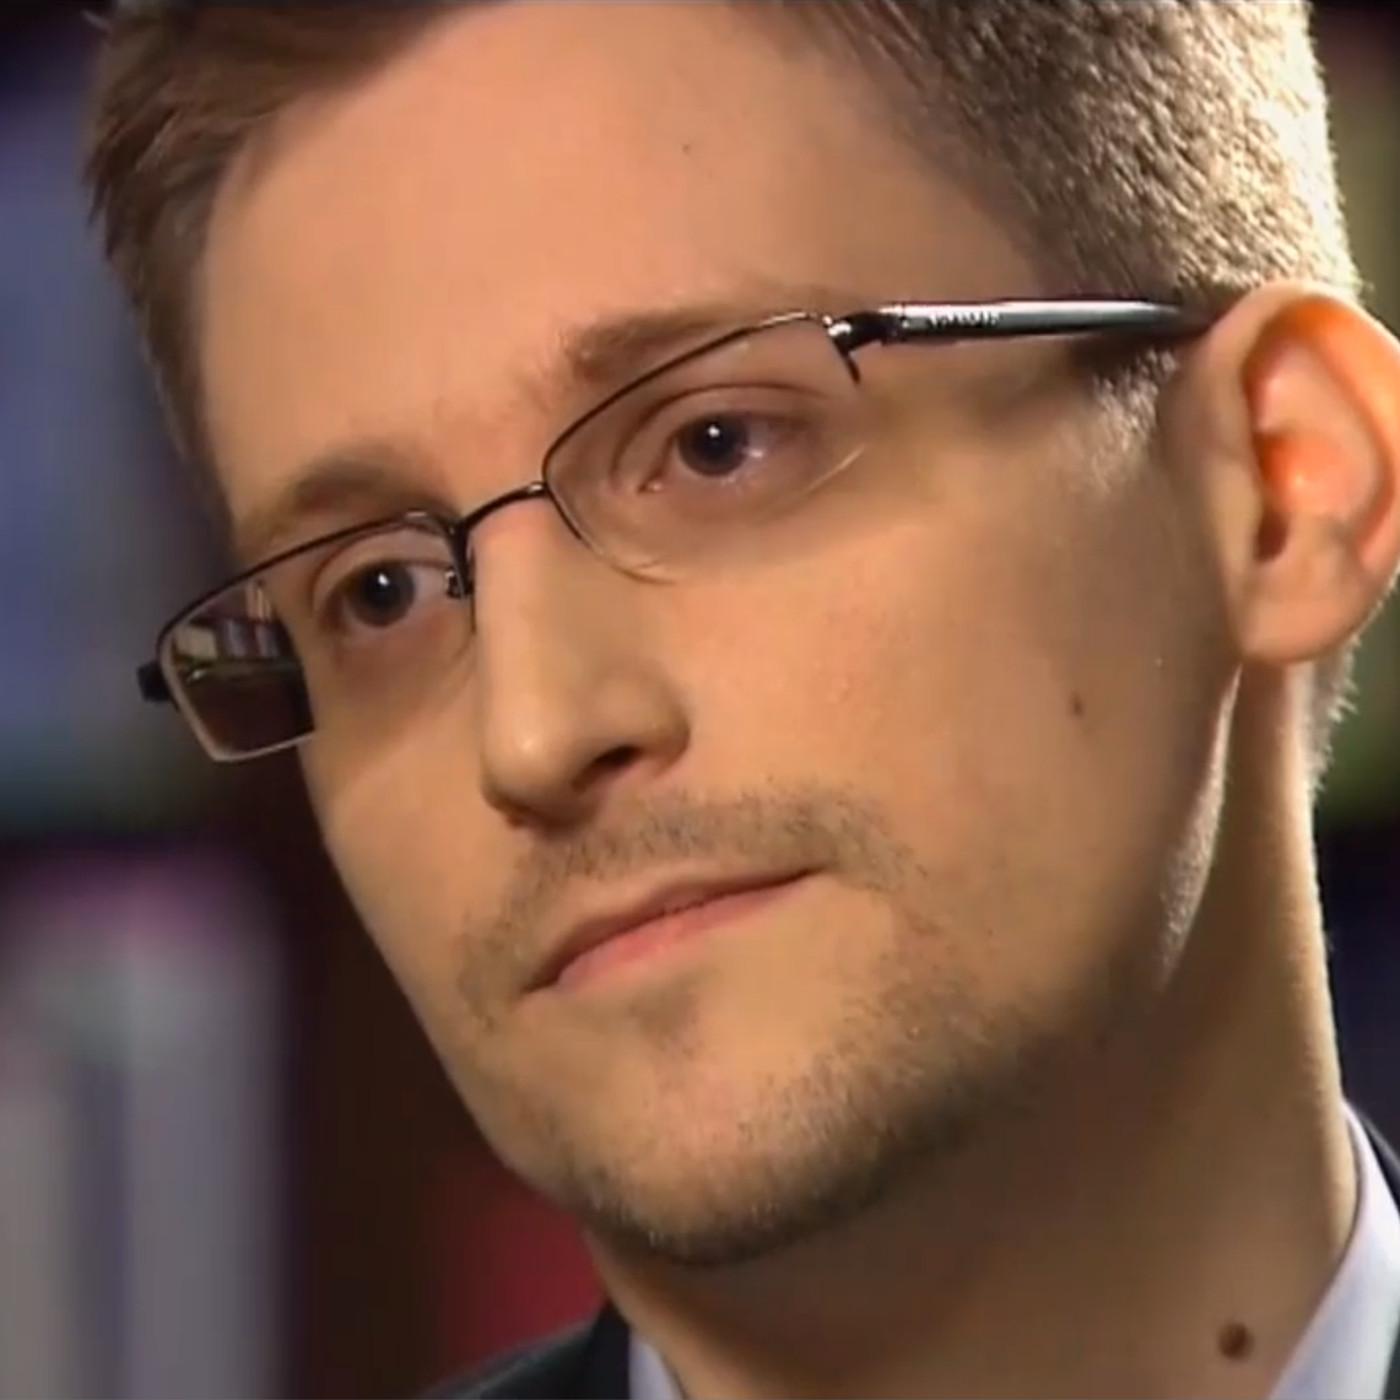 Snowden: Mjere kontrole ljudi tokom pandemije mogle bi ostati zauvijek